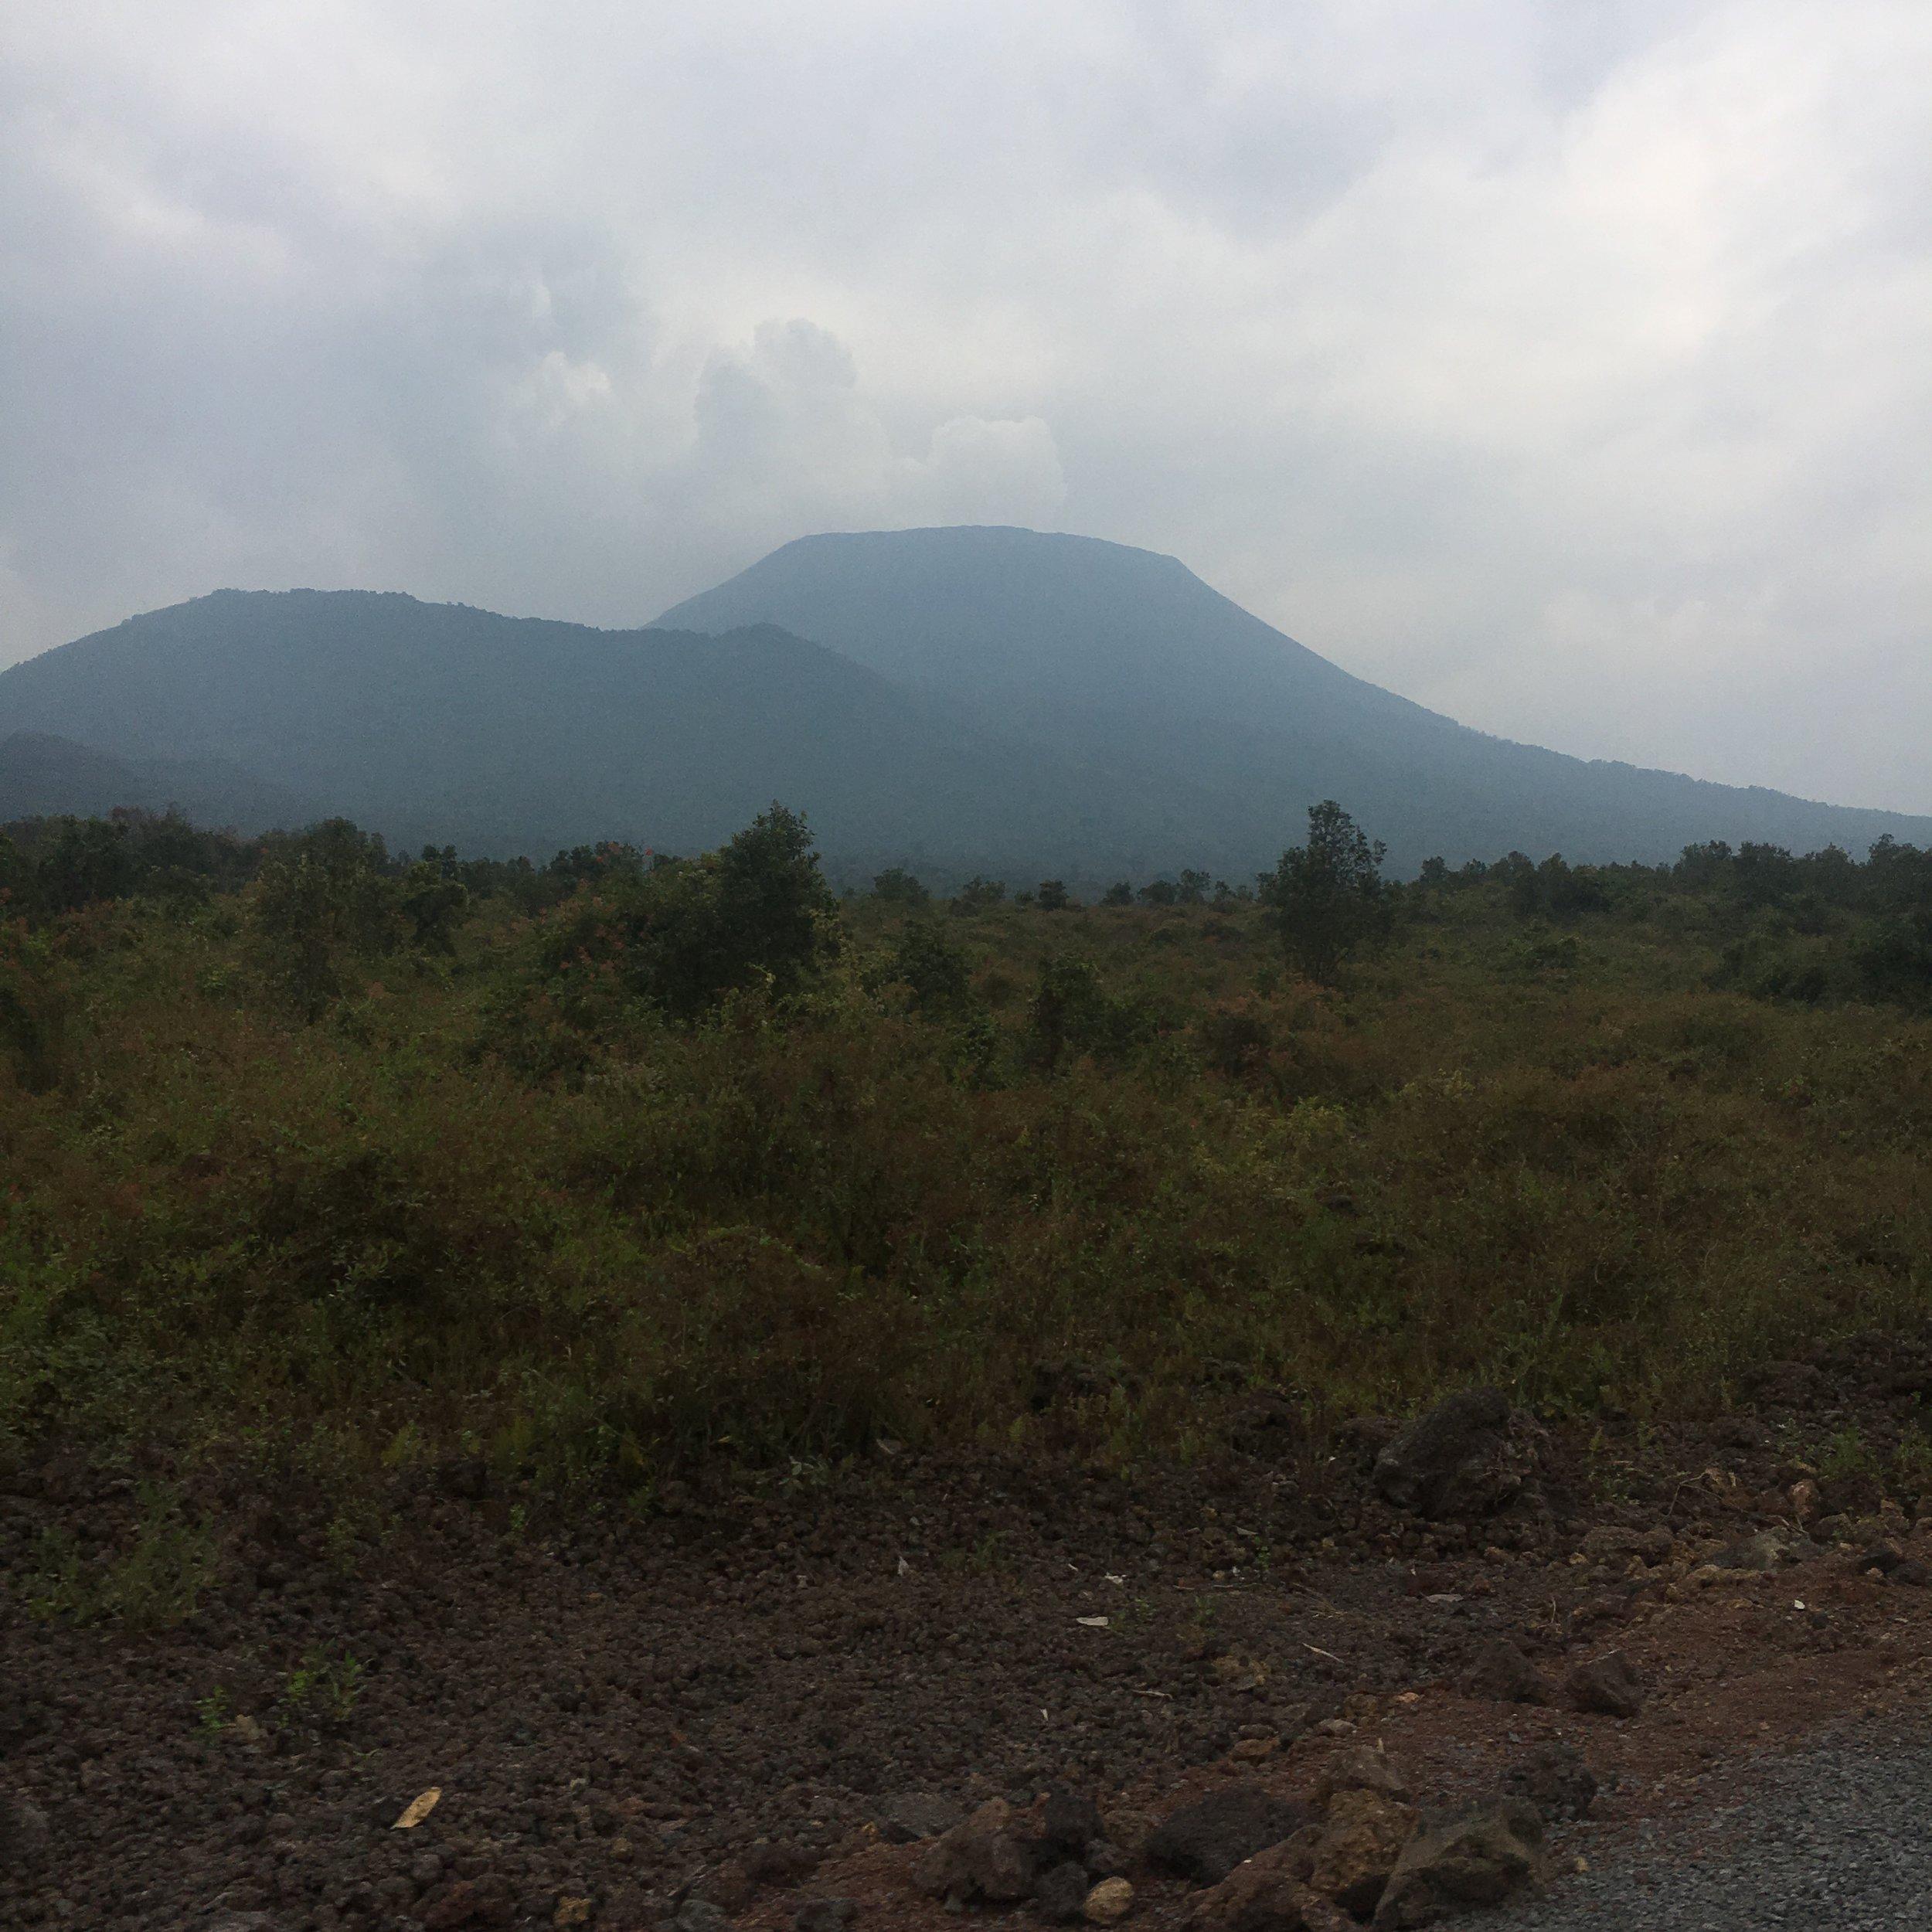 Mt Nyriagongo